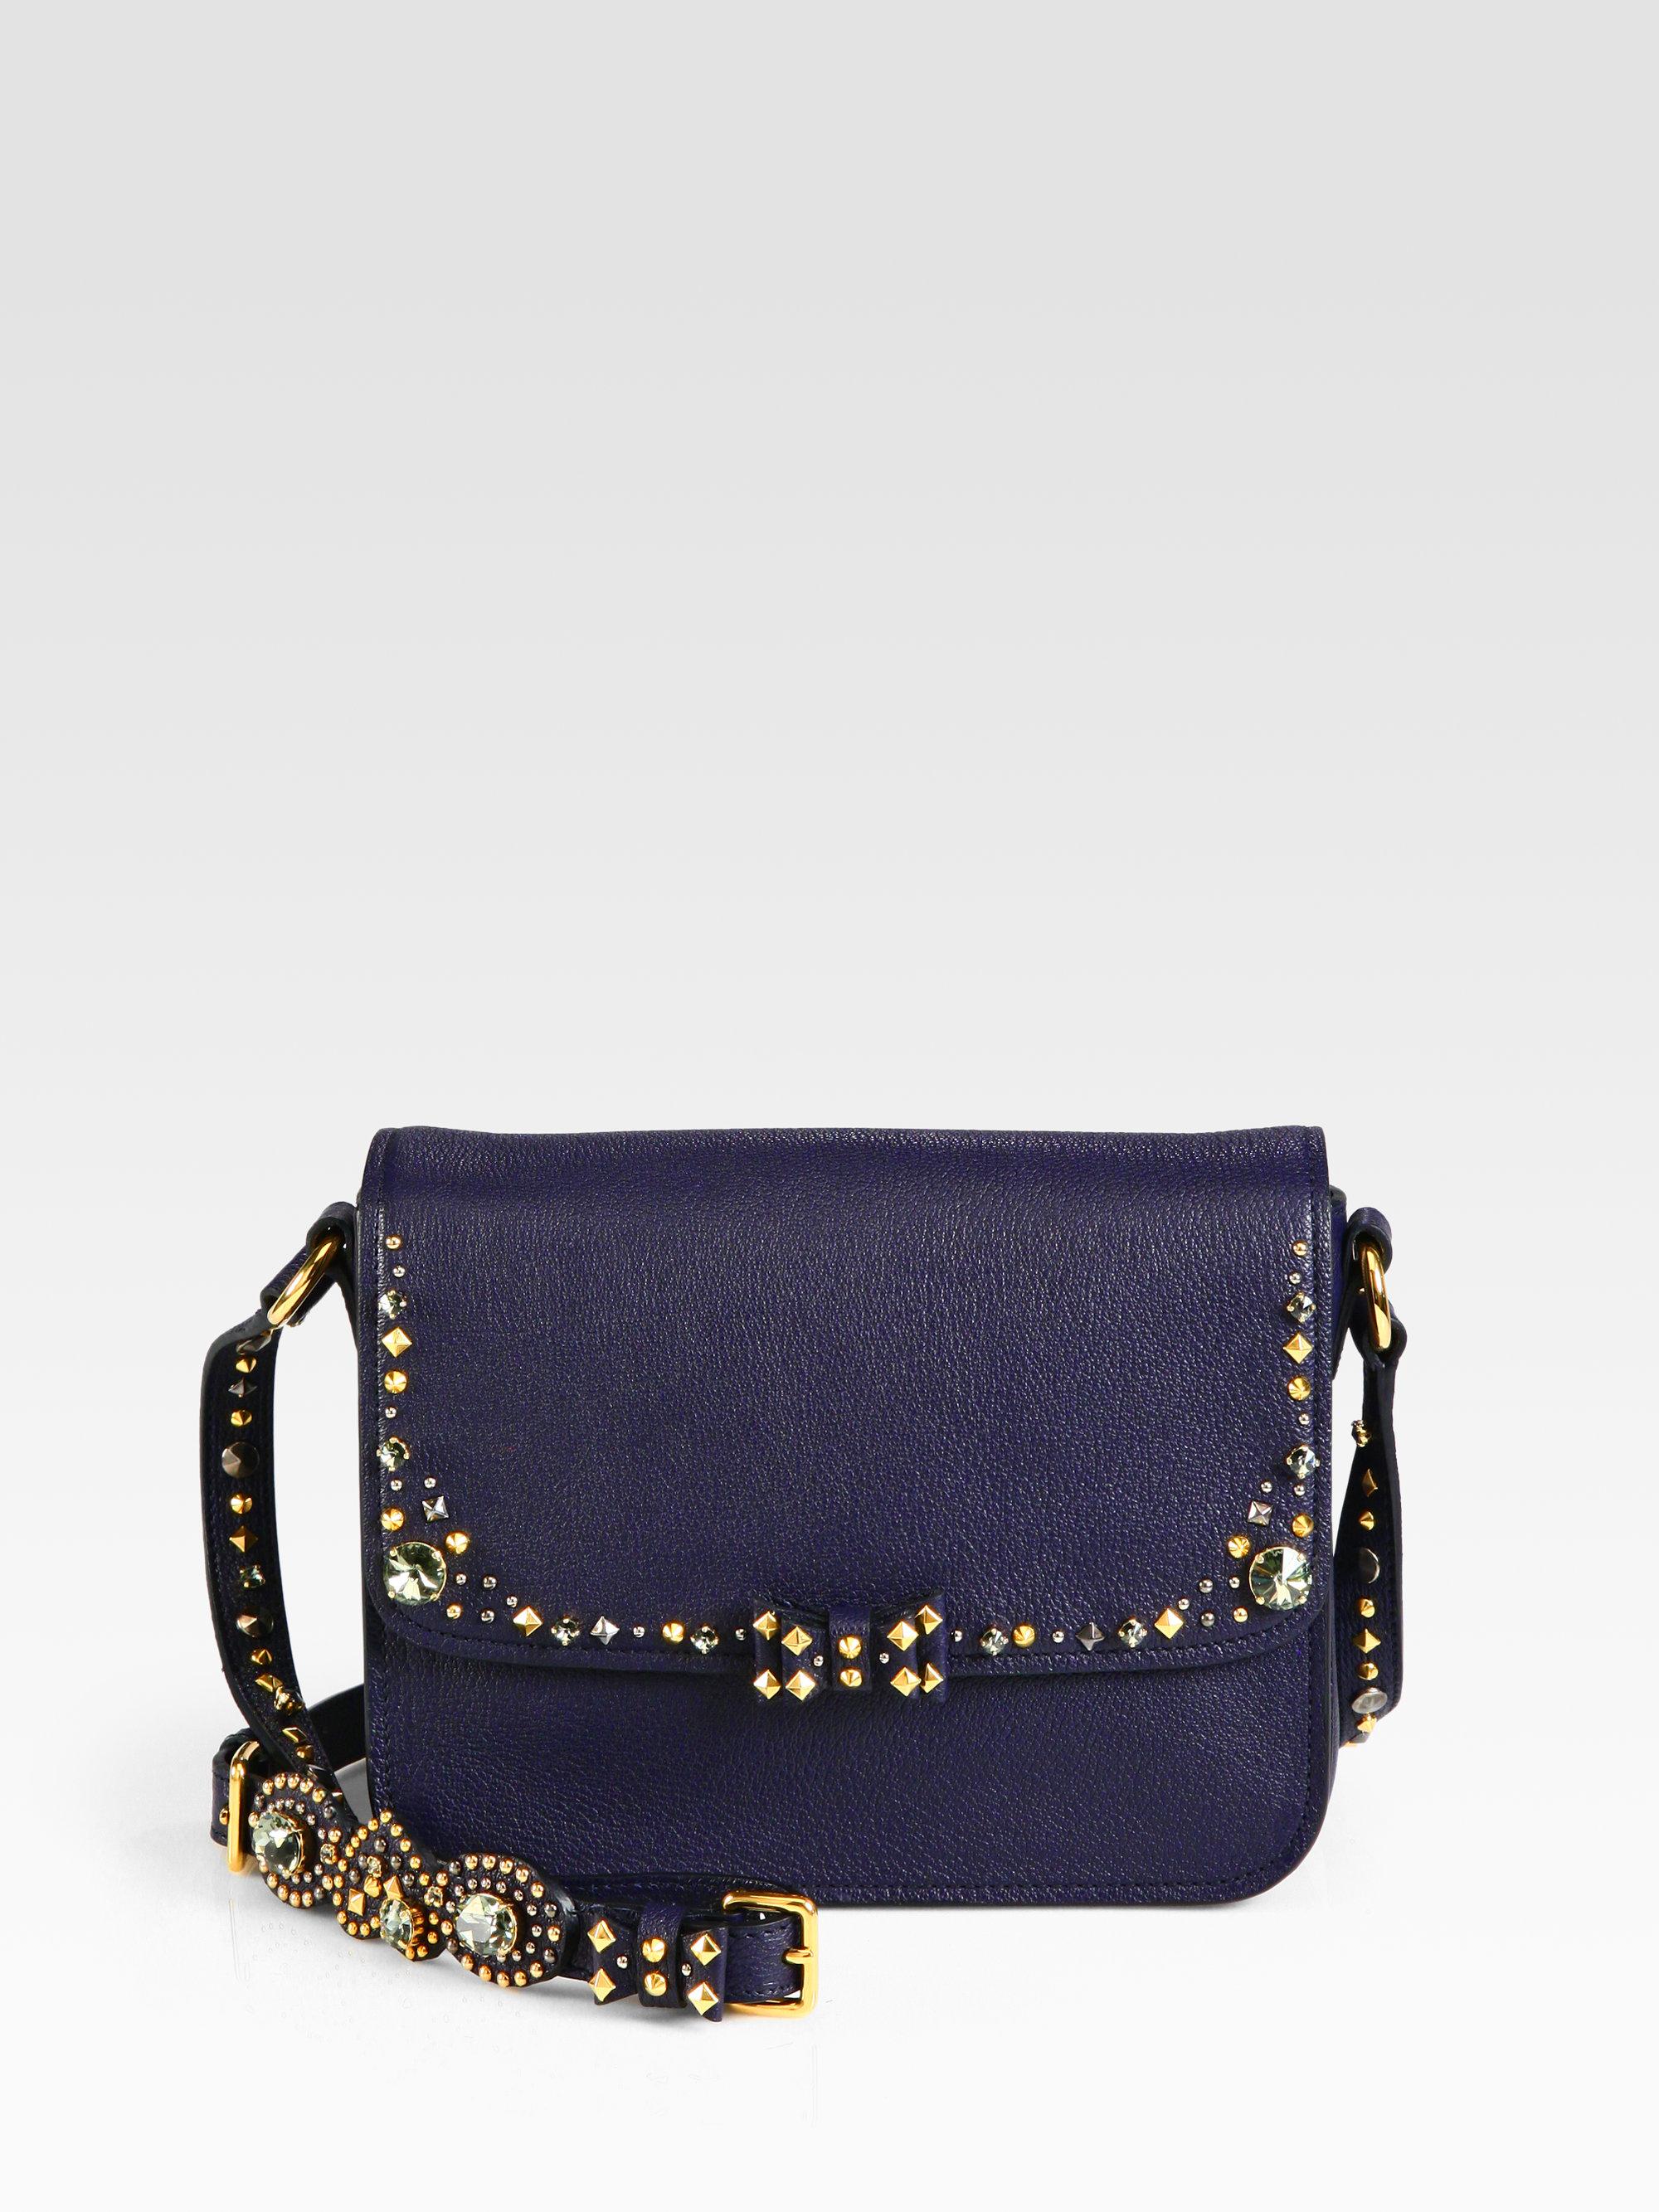 b1a9bf3527e Lyst - Miu Miu Madras Jeweled Crossbody Bag in Blue